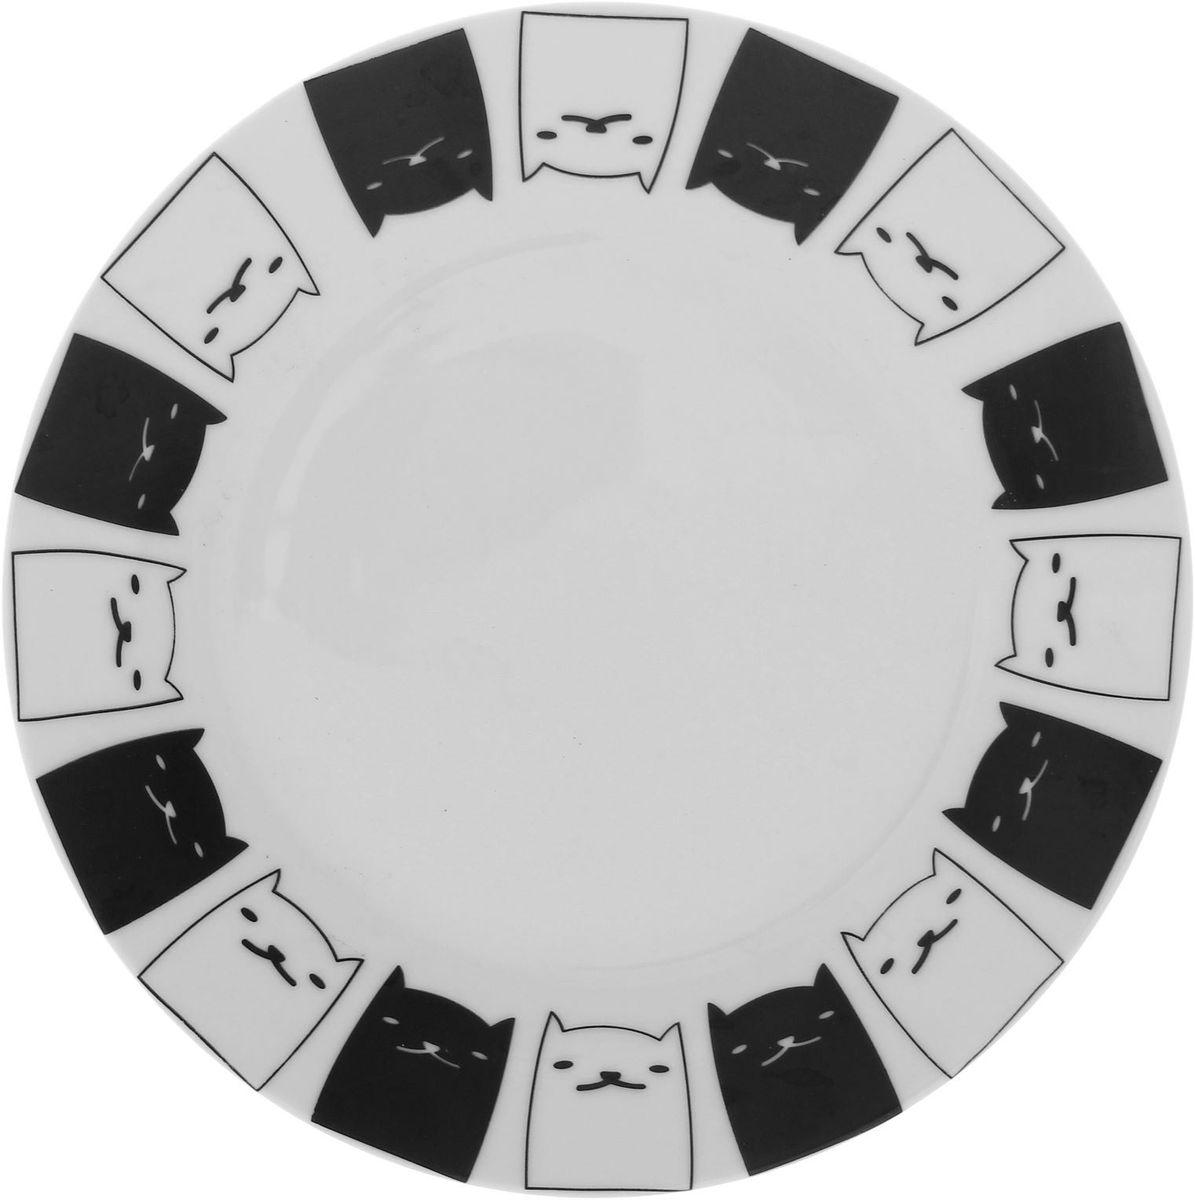 Тарелка мелкая Сотвори чудо Котята, диаметр 20 см54 009312Хотите обновить интерьер кухни или гостиной? Устраиваете необычную фотосессию или тематический праздник? А может, просто ищете подарок для близкого человека? Посуда Сотвори Чудо — правильный выбор в любой ситуации. Тарелка Сотвори Чудо, изготовленная из изящного фаянса нежного сливочного цвета, оформлена оригинальным рисунком со стойкой краской. Пригодна для посудомоечной машины.